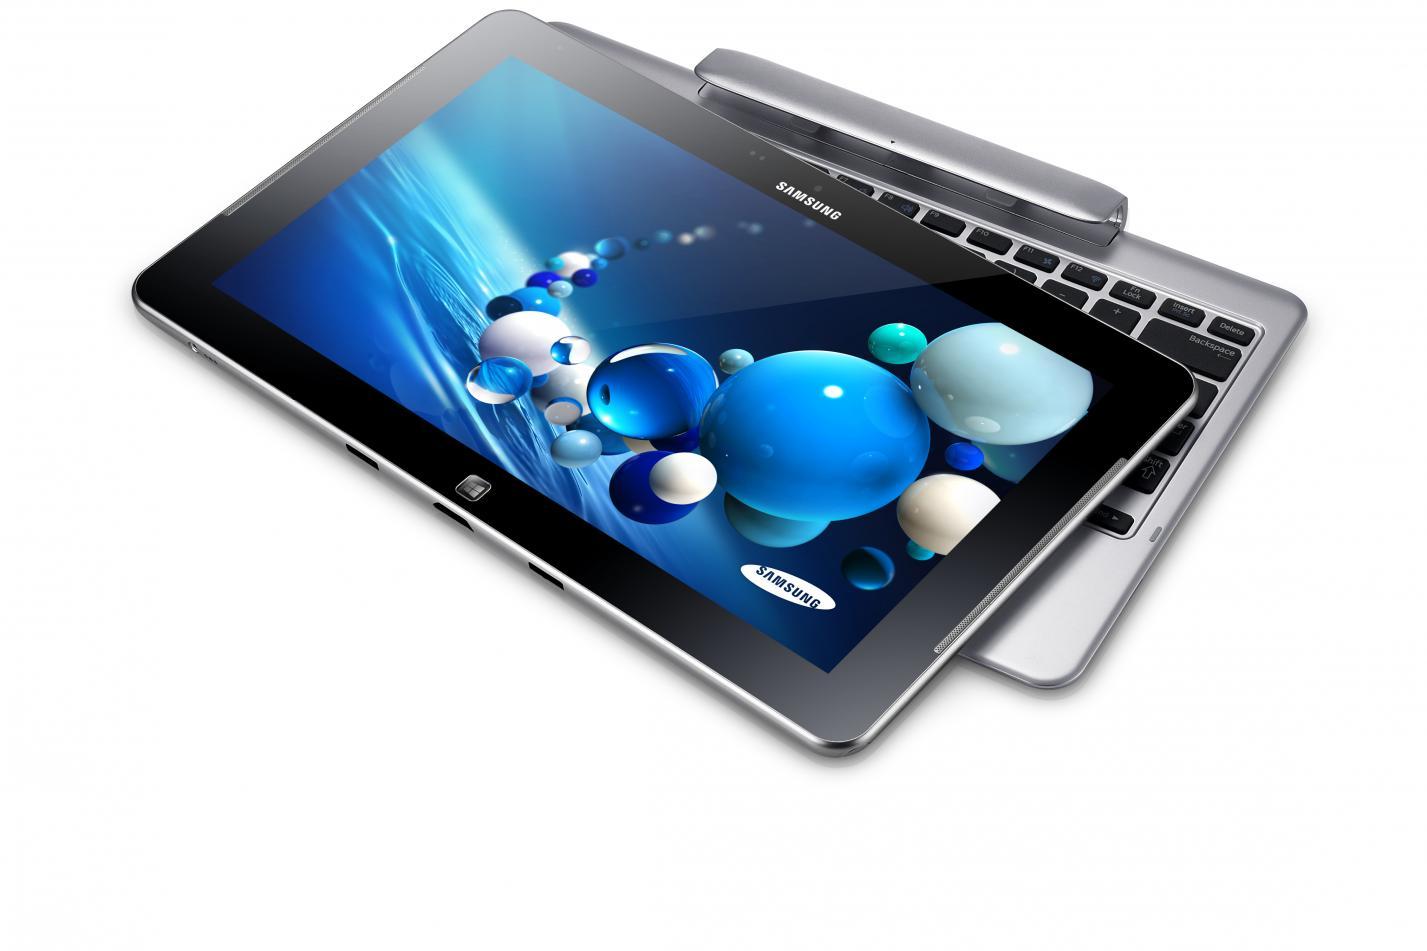 Samsung Ativ Smart PC kann bereits vorbestellt werden-ativ-smart-pc-2.jpg